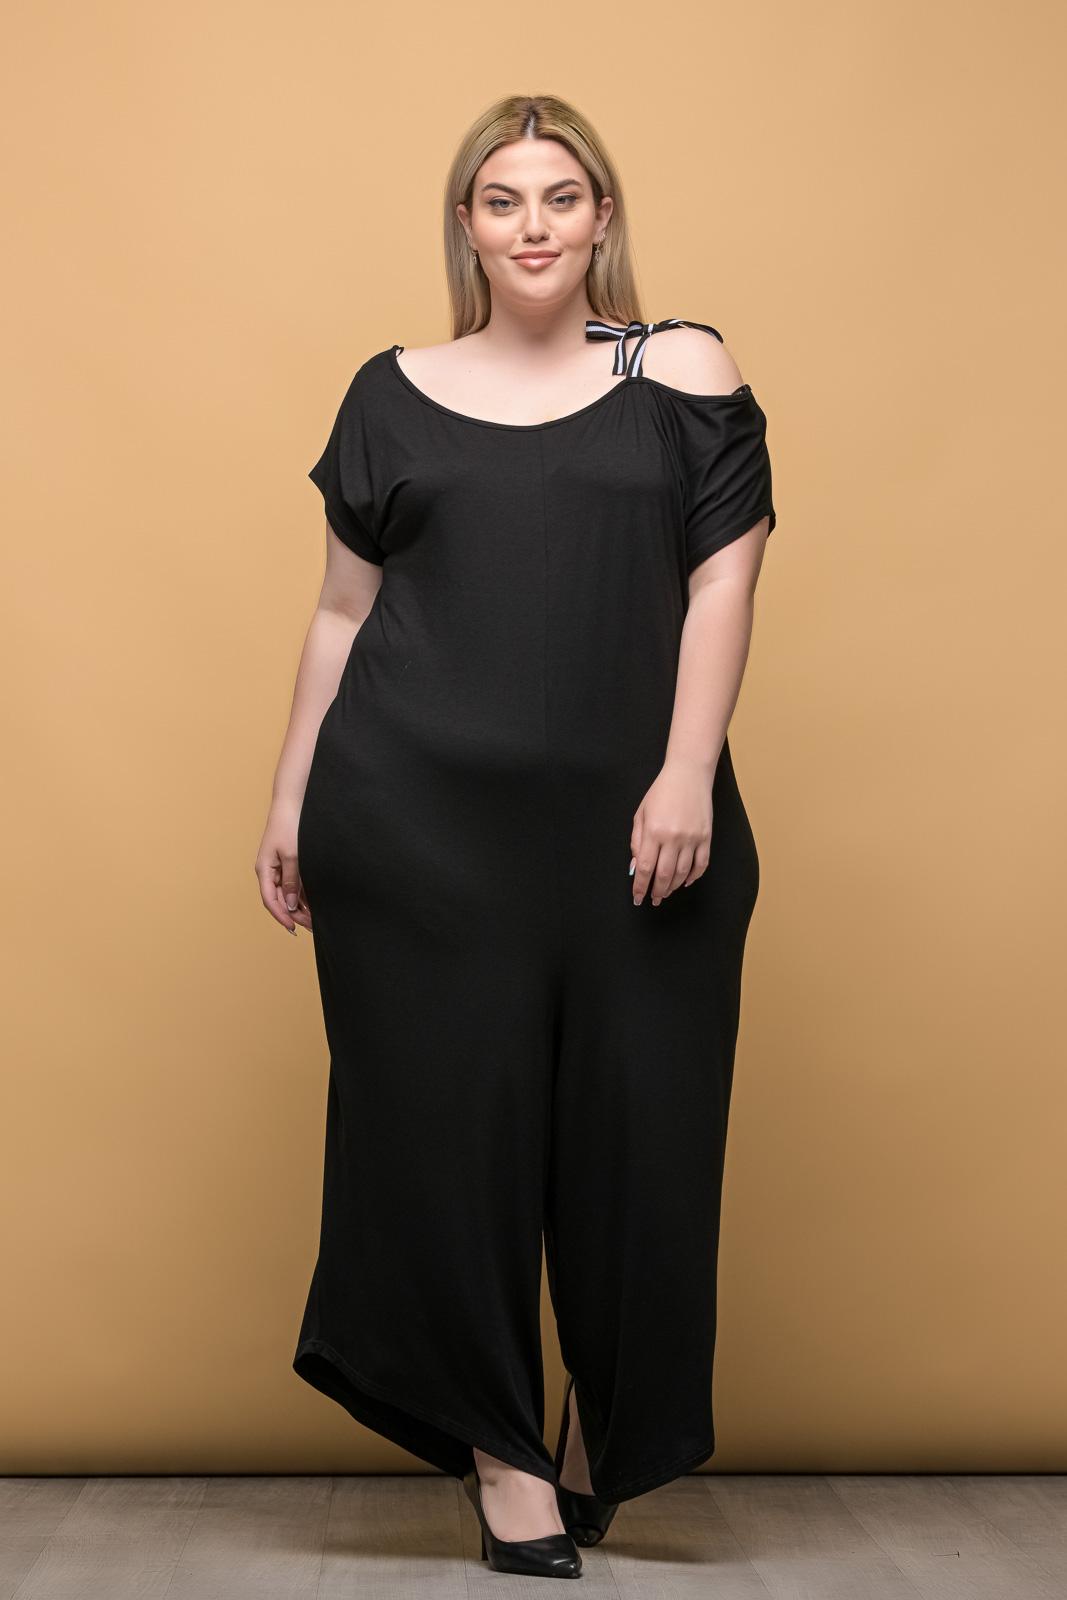 Φόρμα ολόσωμη μεγάλα μεγέθη μαύρη καγκουρό με λαιμόκοψη..Στο eshop μας θα βρείτε οικονομικά γυναίκεια ρούχα σε μεγάλα μεγέθη και υπερμεγέθη.